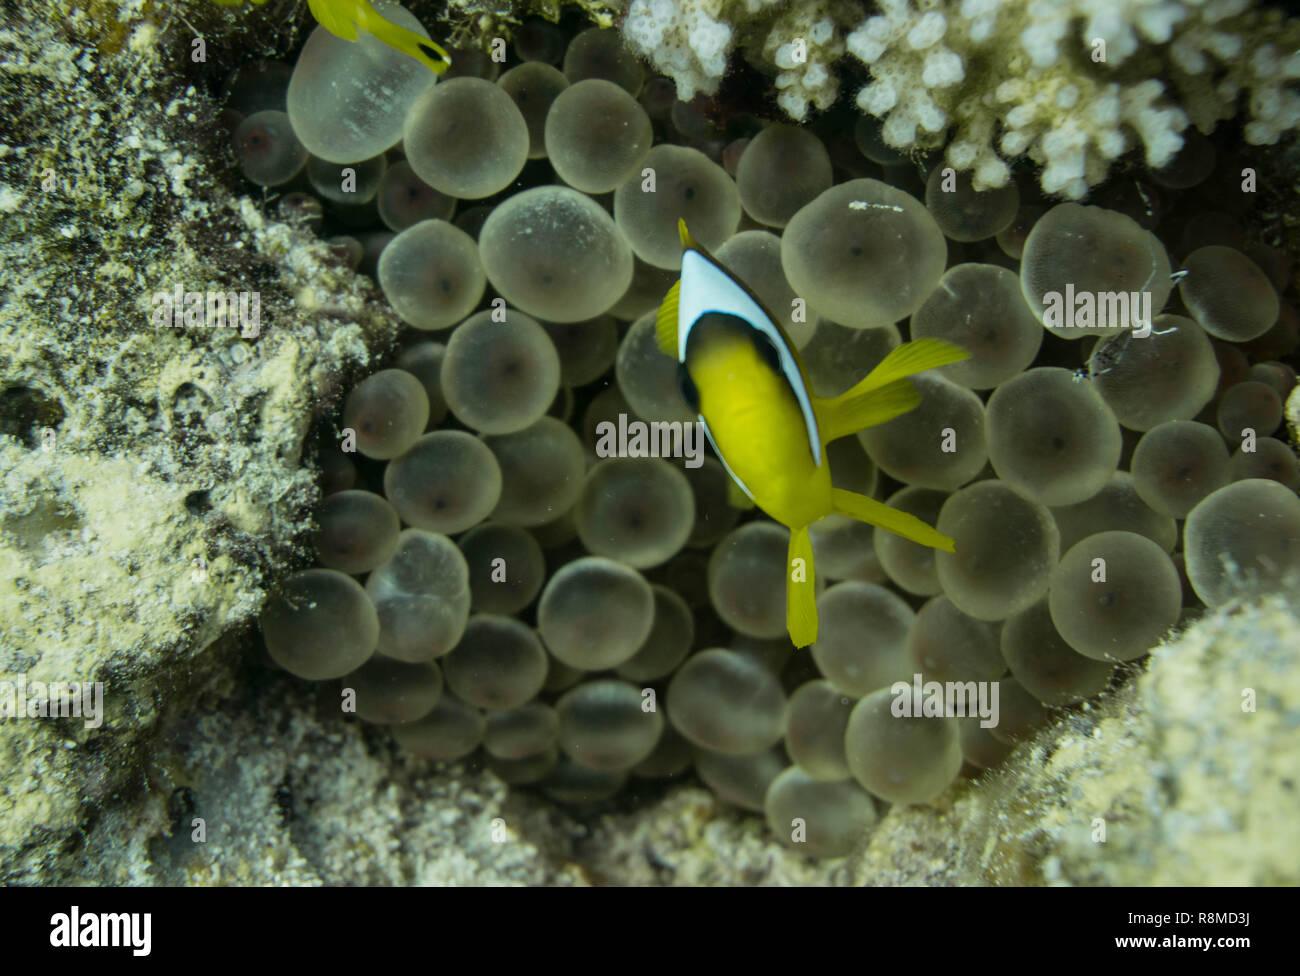 1-wöchige Tauchsafari am Roten Meer, Marsa Alam in Ägypten - Stock Image